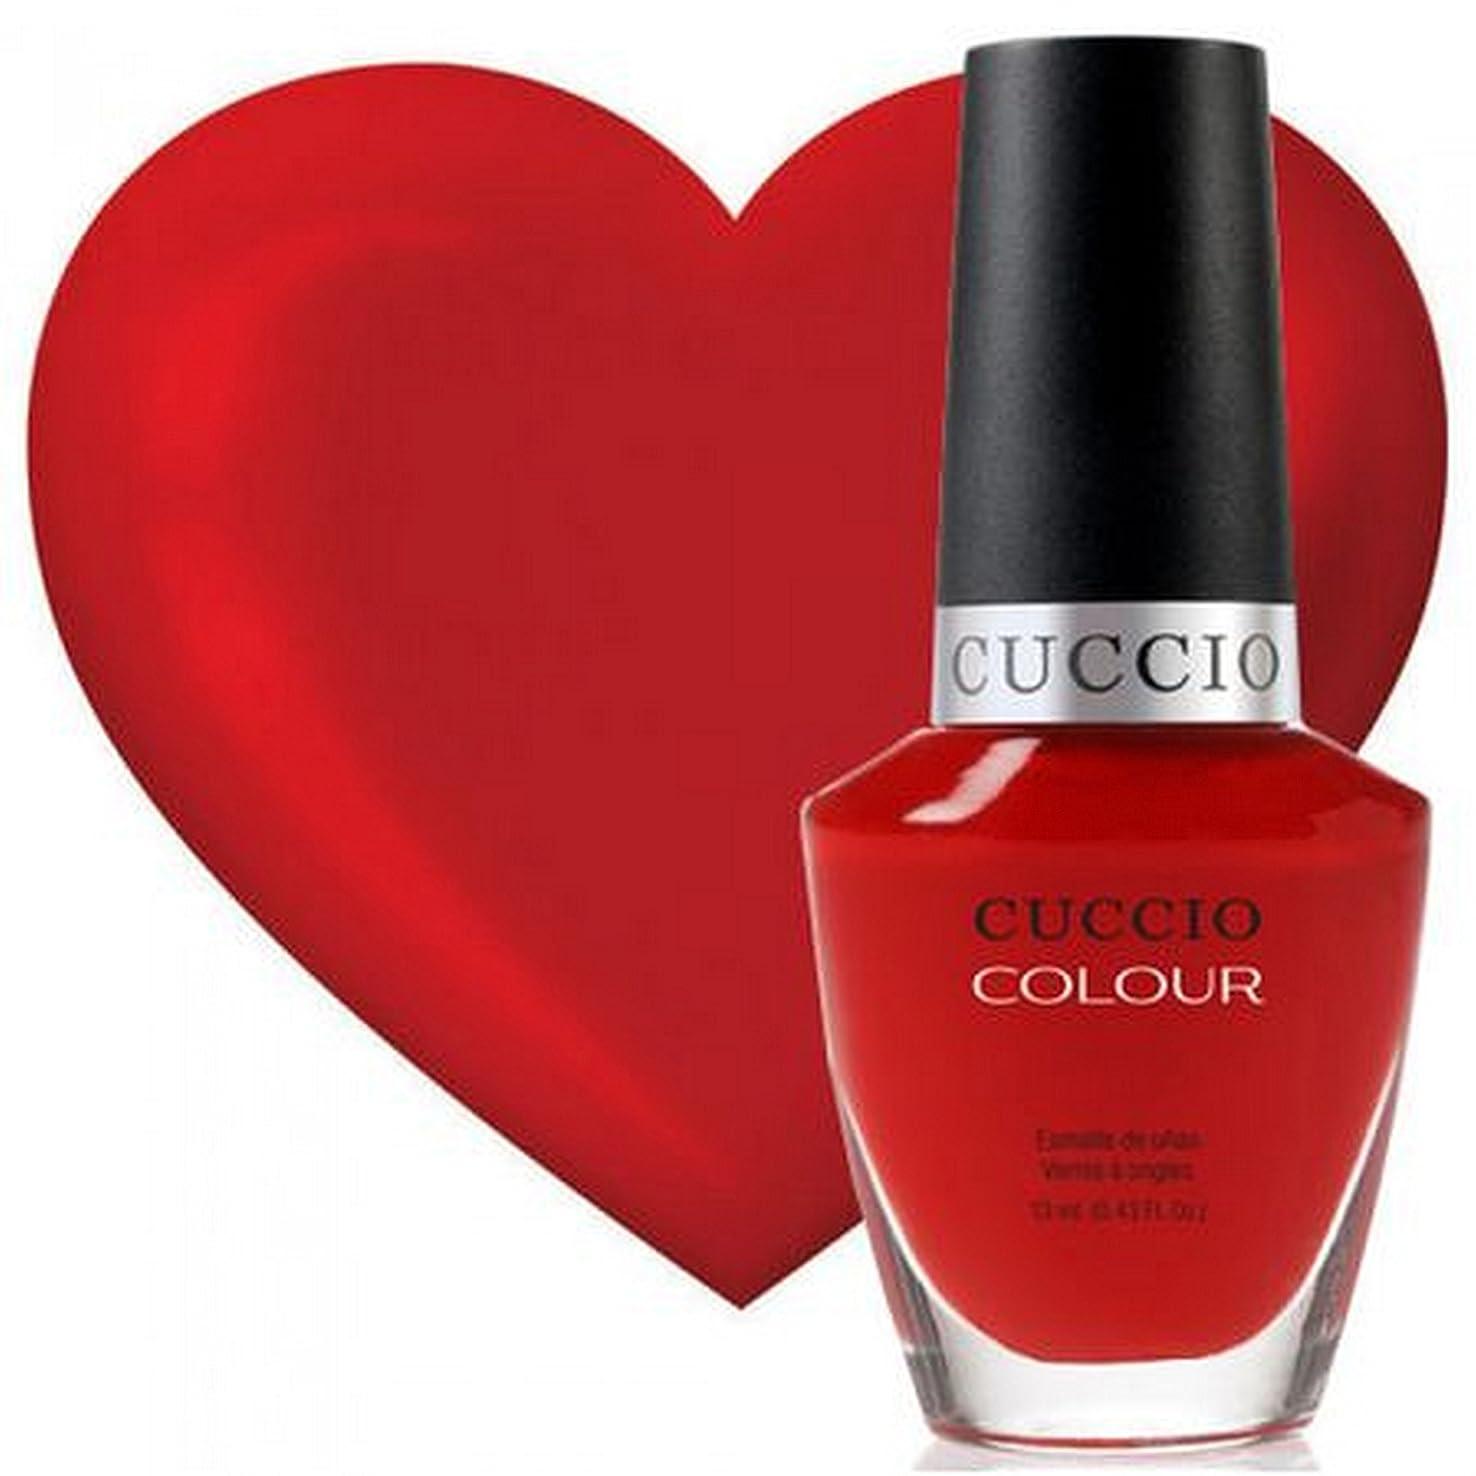 ハチティーンエイジャー突破口Cuccio Colour Gloss Lacquer - A Pisa My Heart - 0.43oz / 13ml